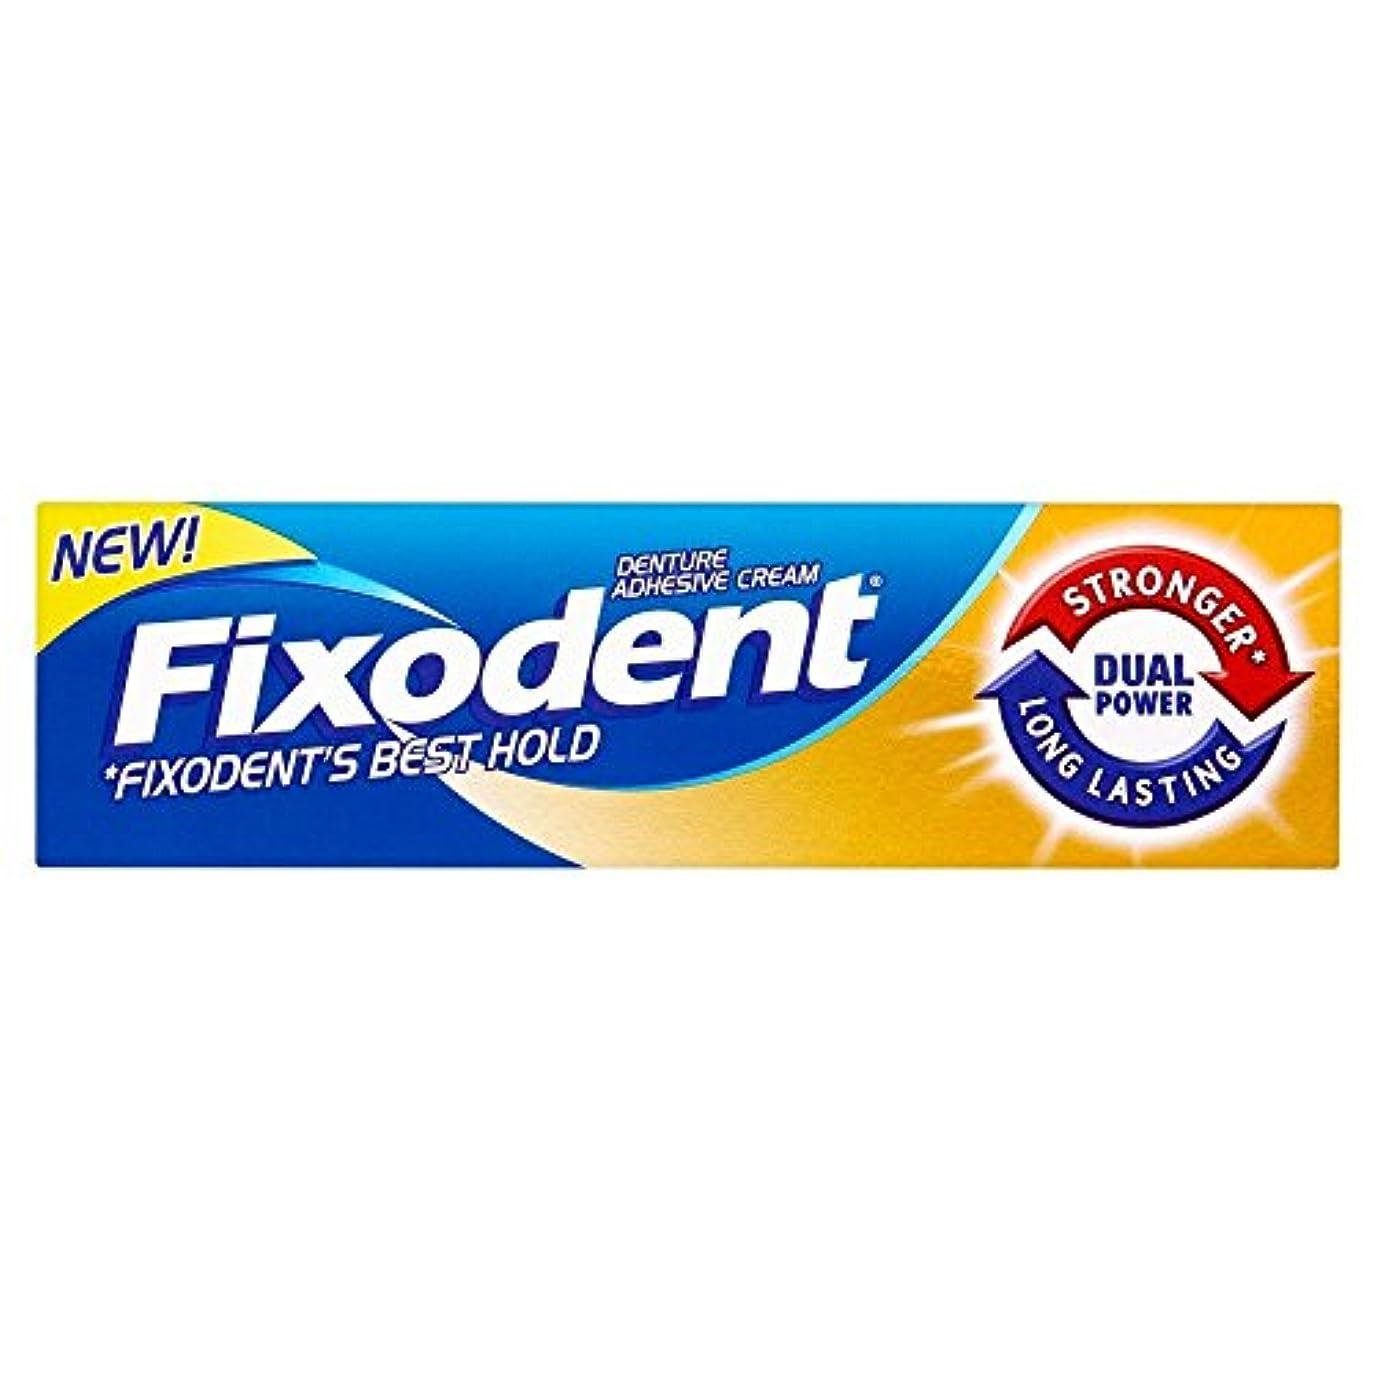 機動抜け目がない眩惑するFixodent Denture Adhesive Cream Dual Power (35ml) Fixodent義歯接着剤クリームデュアルパワー( 35ミリリットル) [並行輸入品]